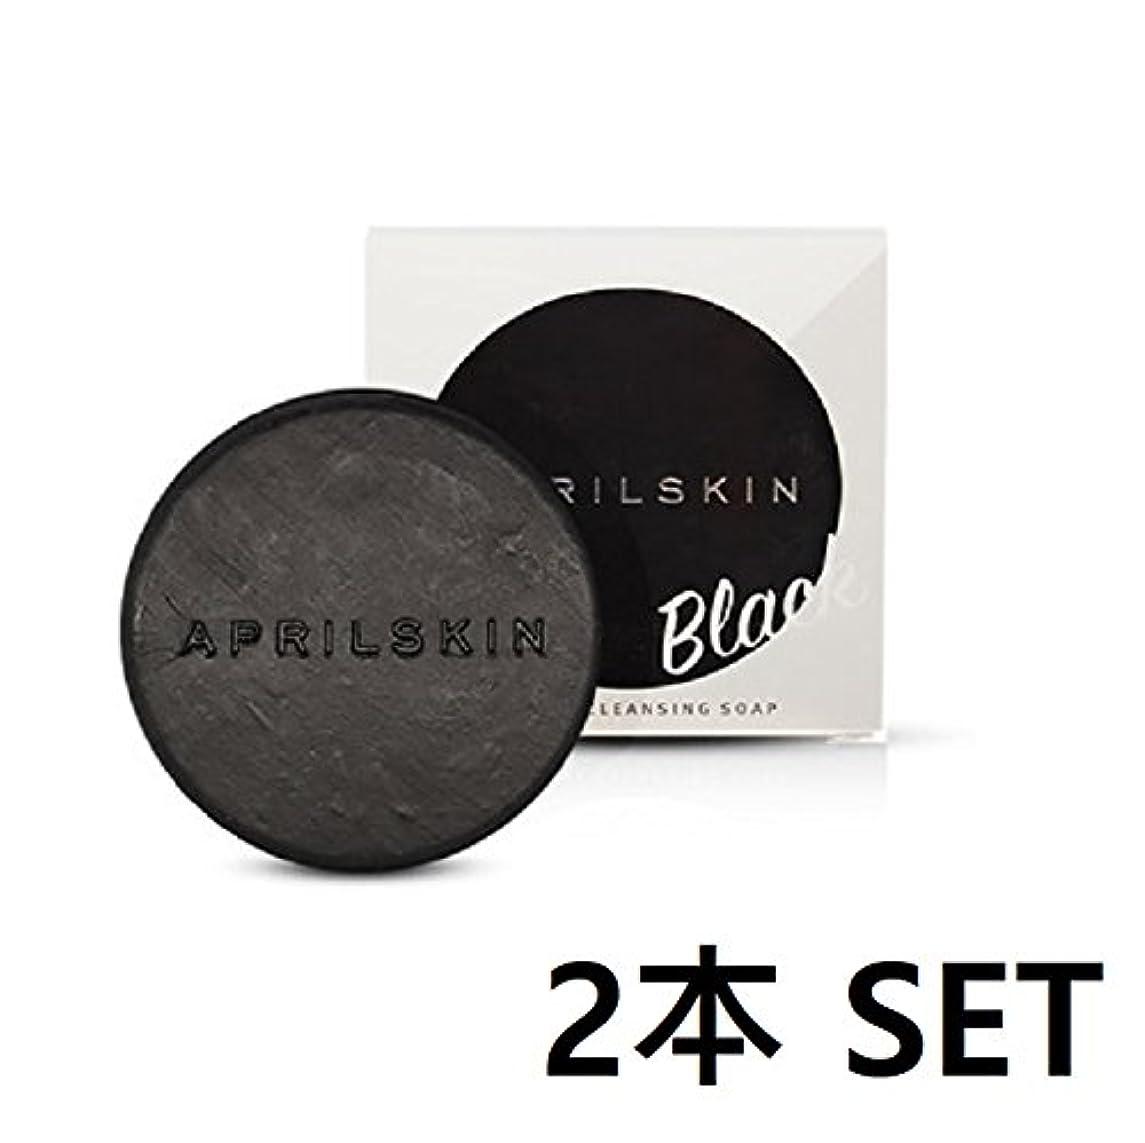 絶壁寝室含む[APRILSKIN] エイプリルスキン国民石鹸 BLACK X 2pcs SET(APRIL SKIN magic stone マジックストーンのリニューアルバージョン新発売) (BLACK) [並行輸入品]